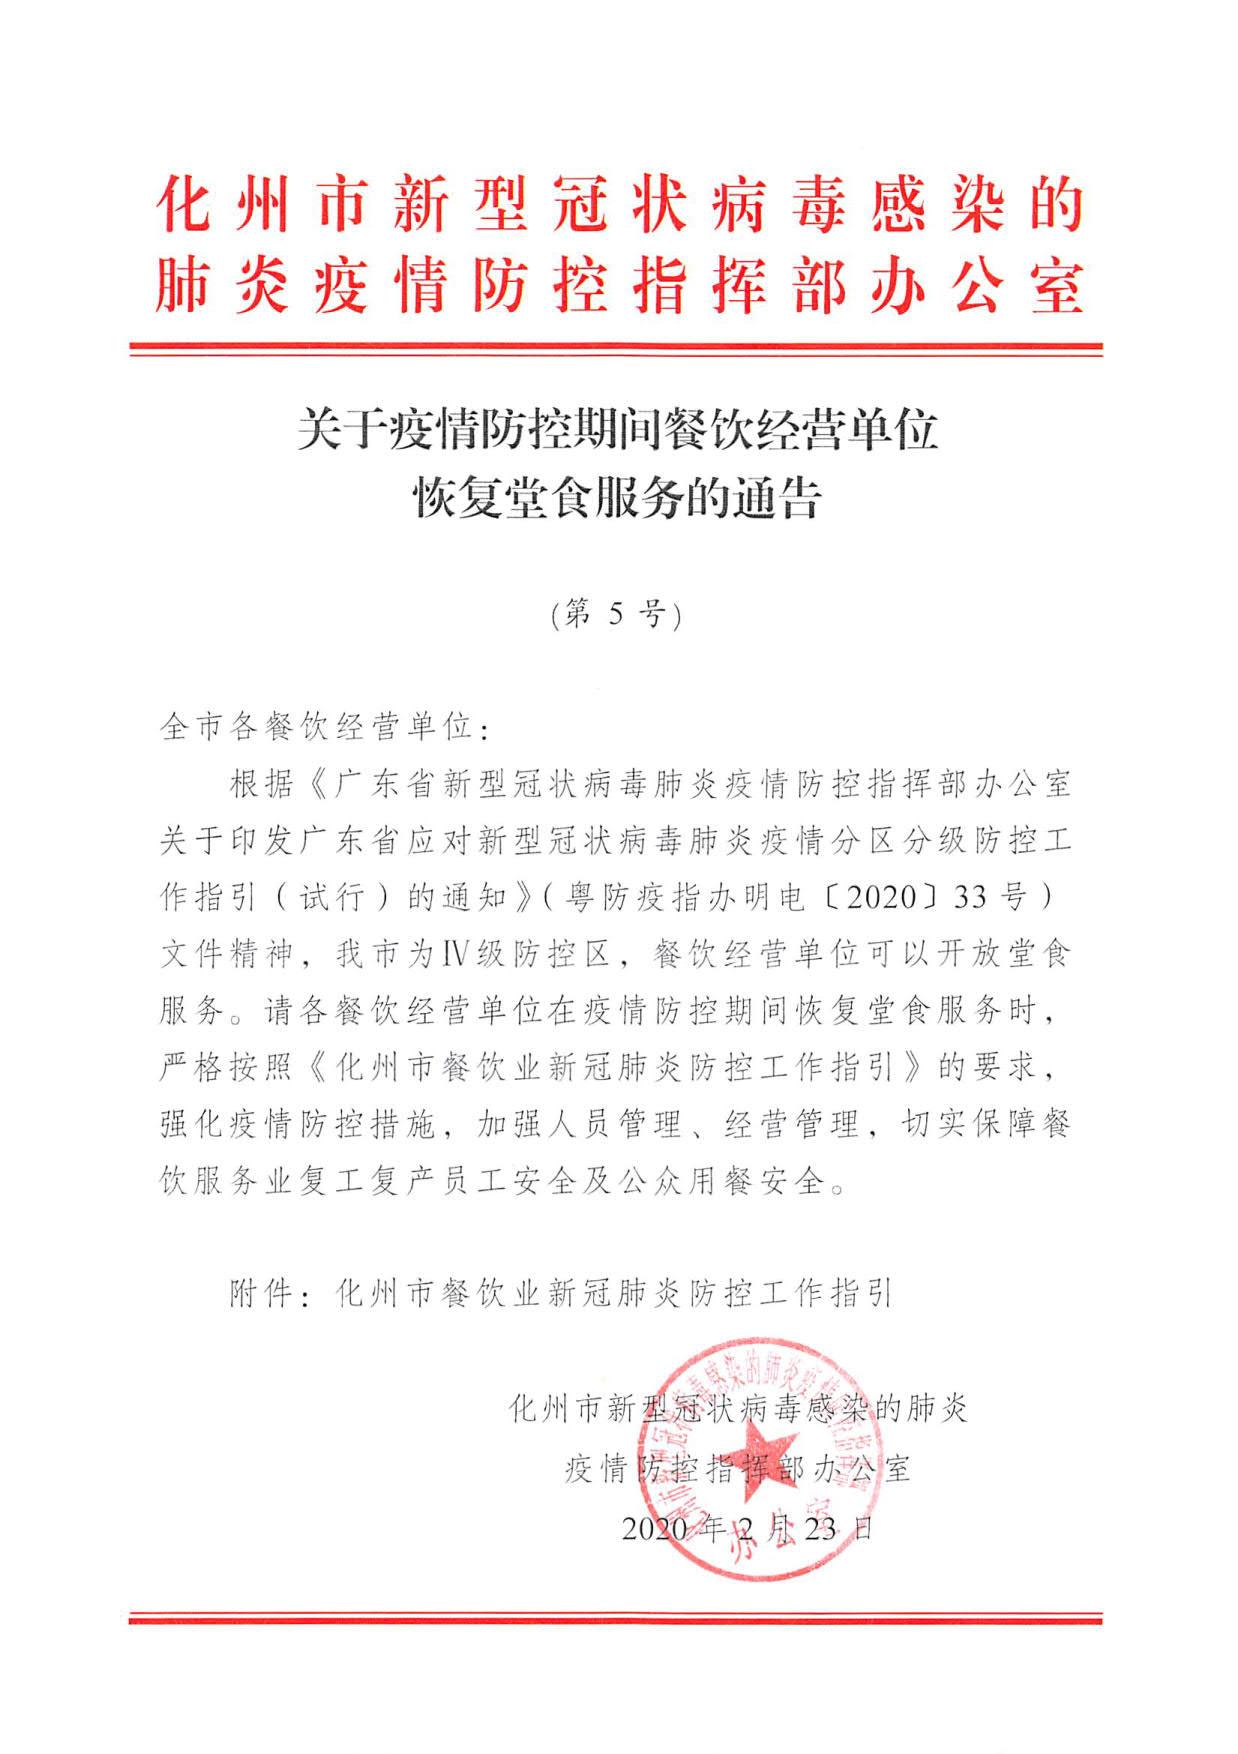 关于疫情防控期间餐饮经营单位恢复堂食服务的通告(第5号)_01.jpg